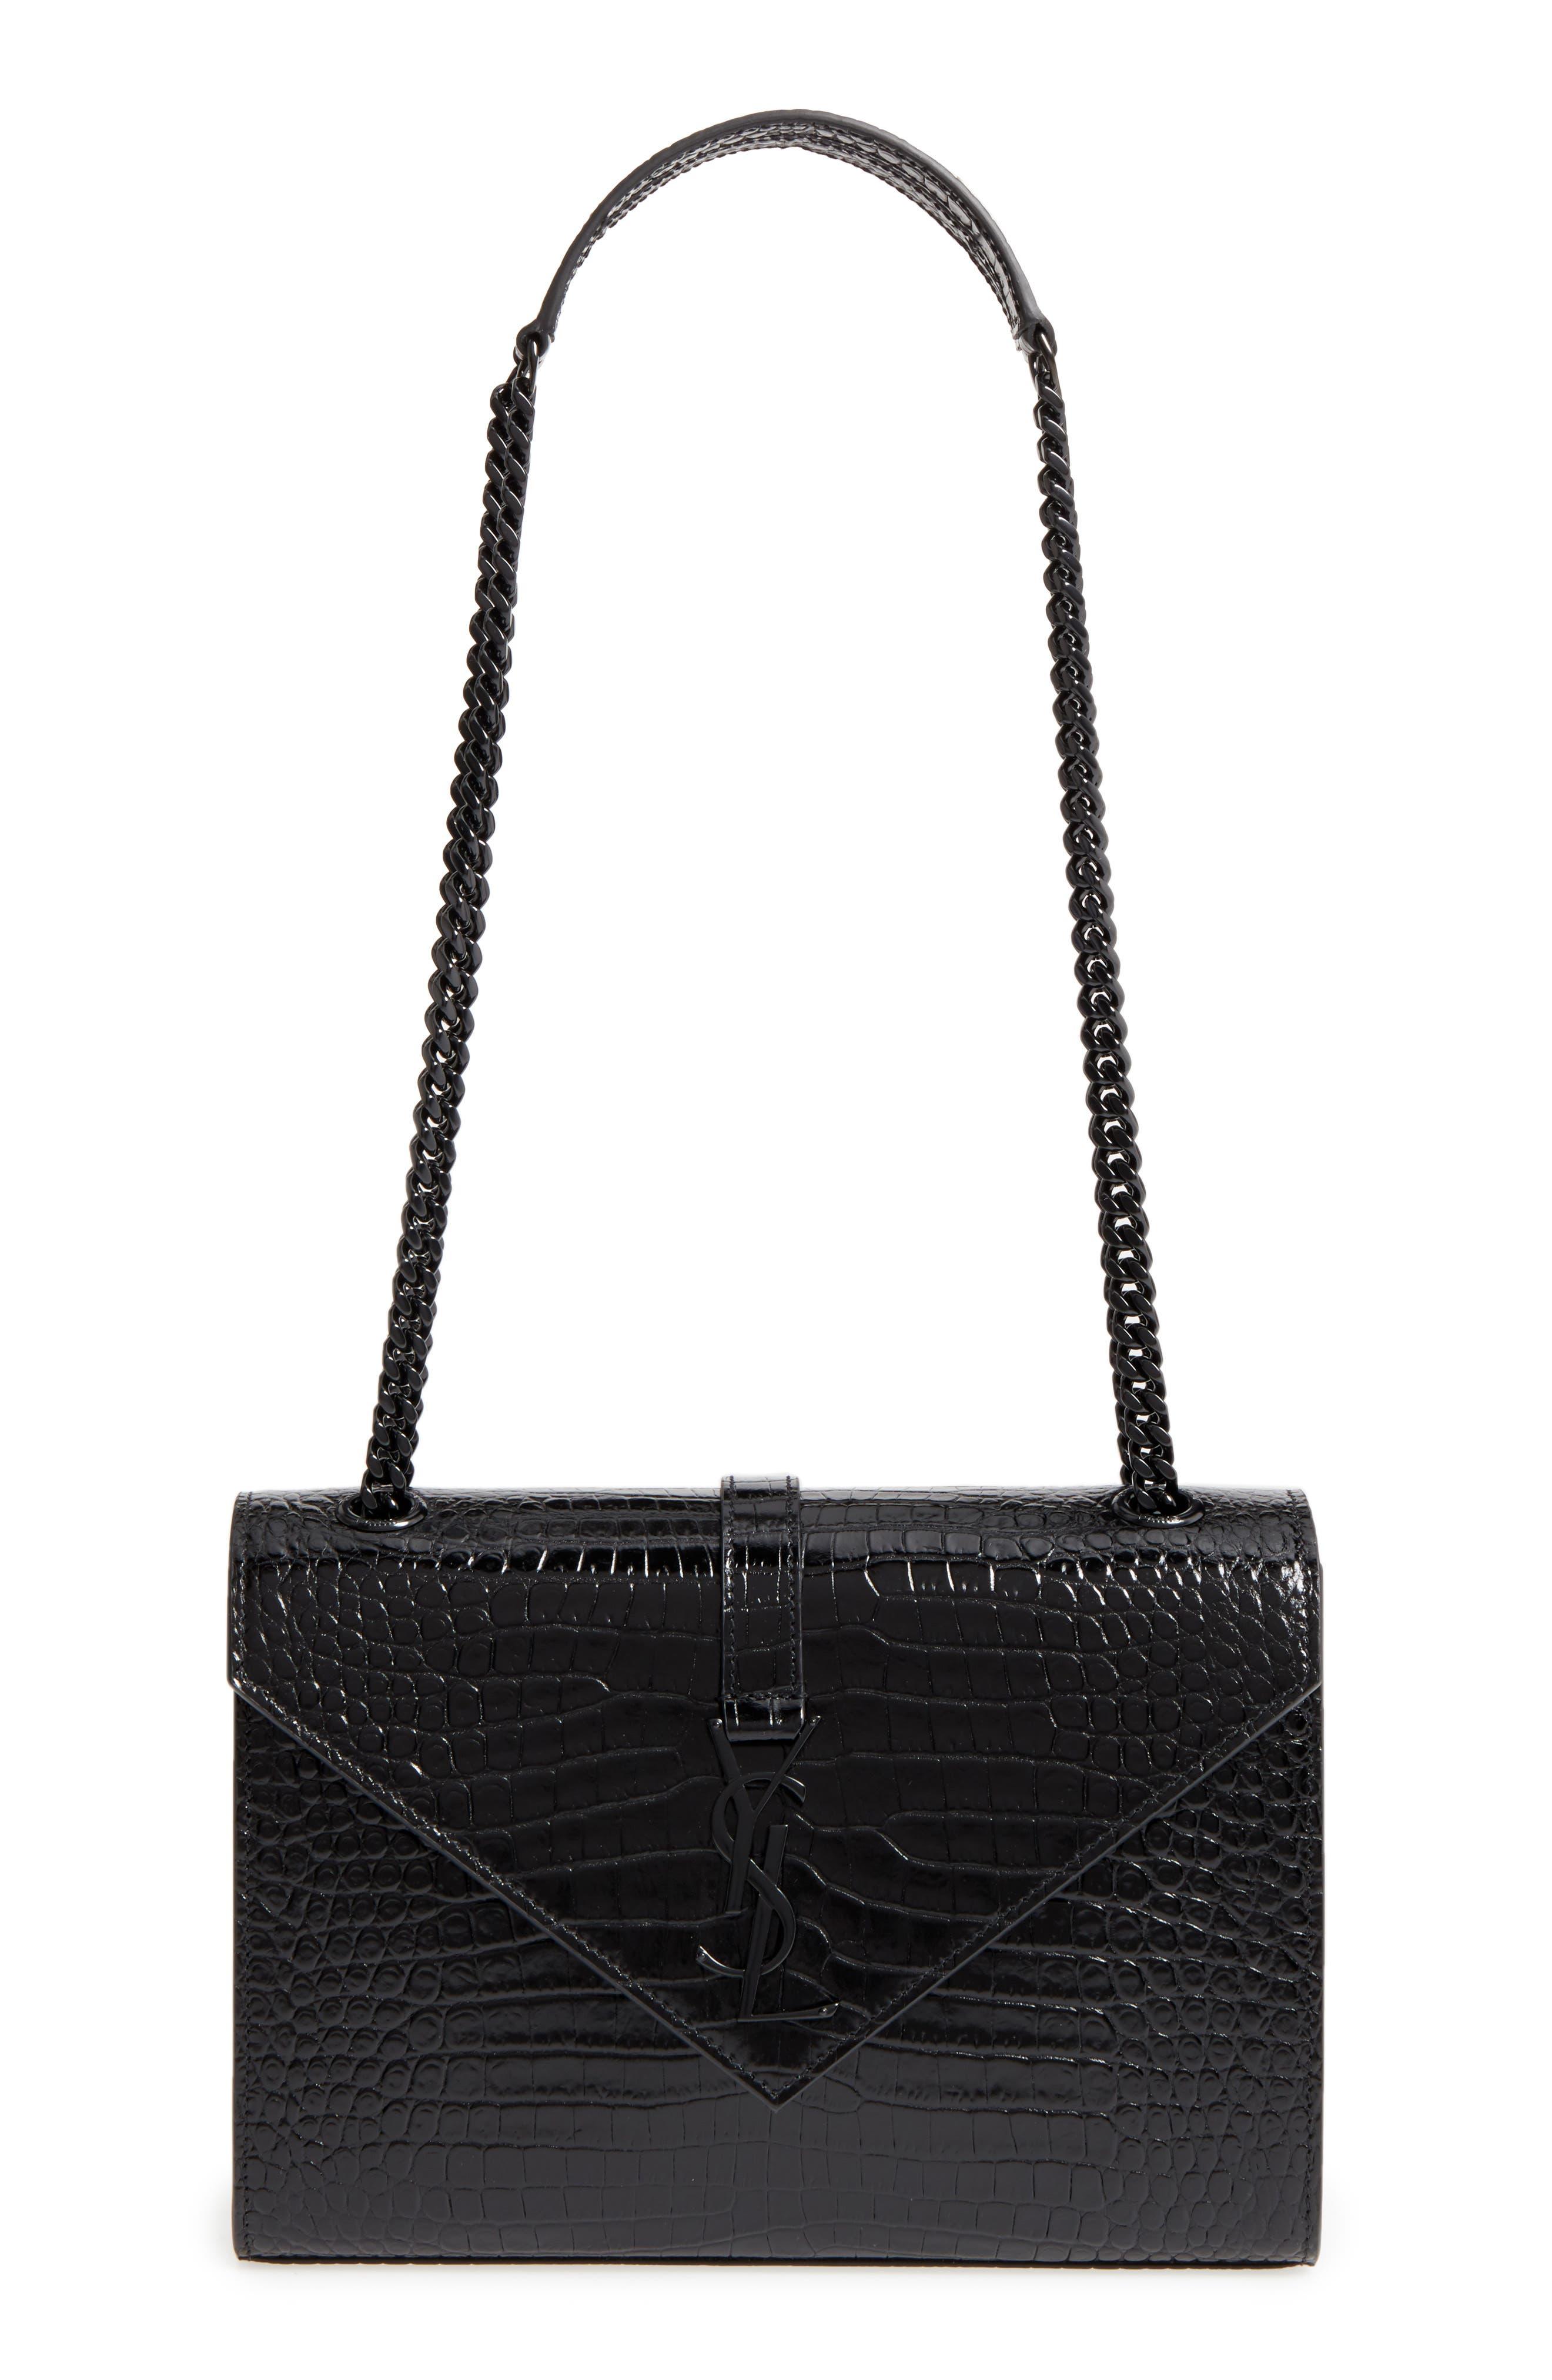 Medium Croc-Embossed Calfskin Shoulder Bag,                         Main,                         color, Noir